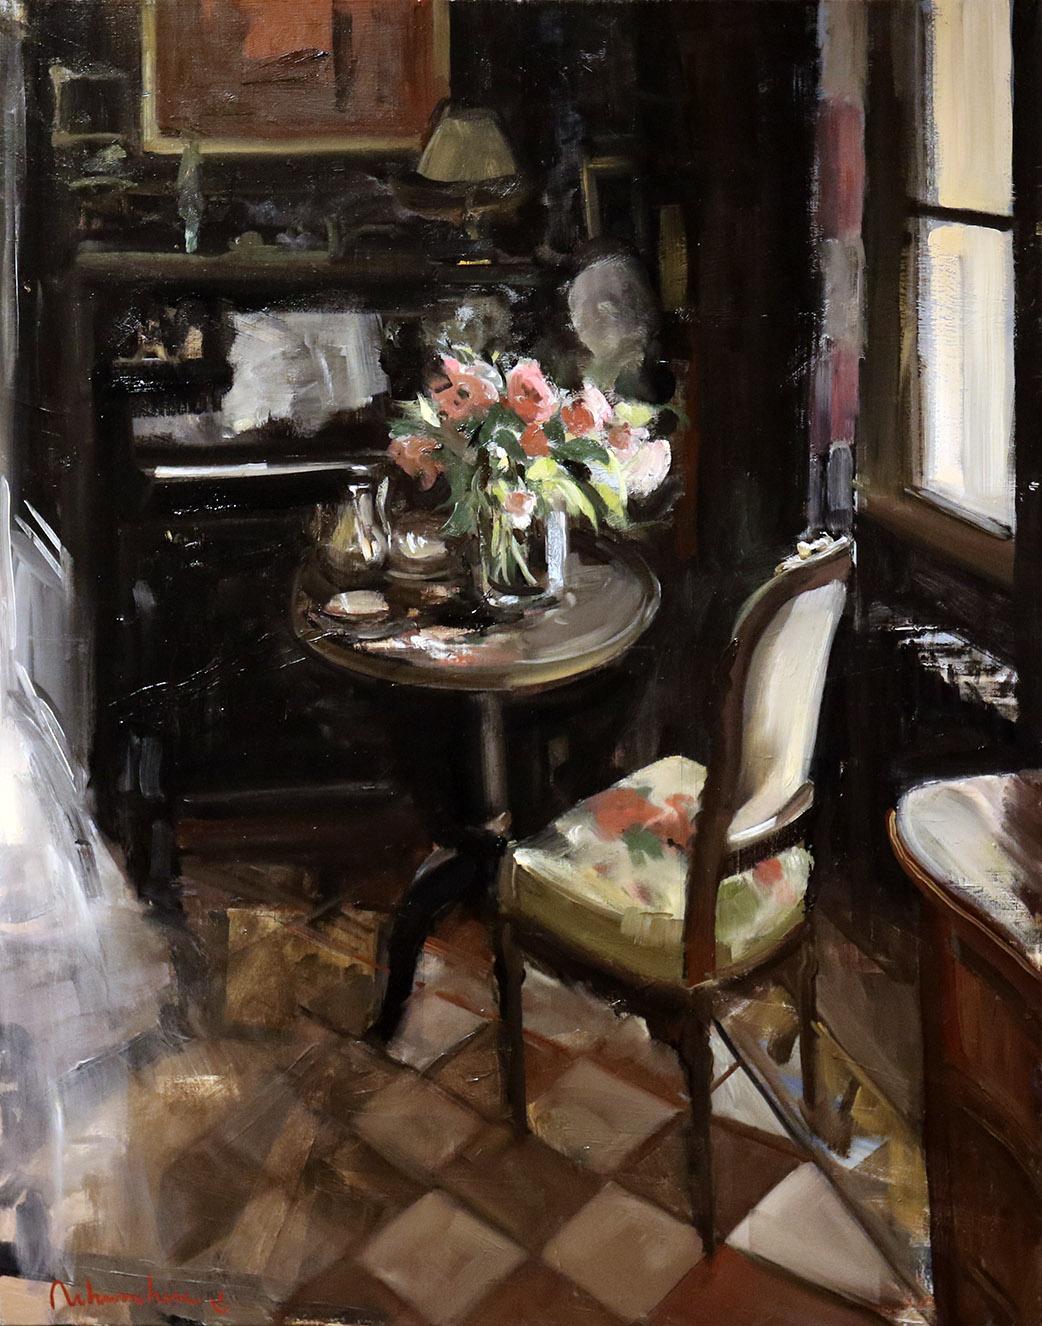 Christoff DEBUSSCHERE - 74 - Le piano et le bouquet - 30F (92X73 cm)